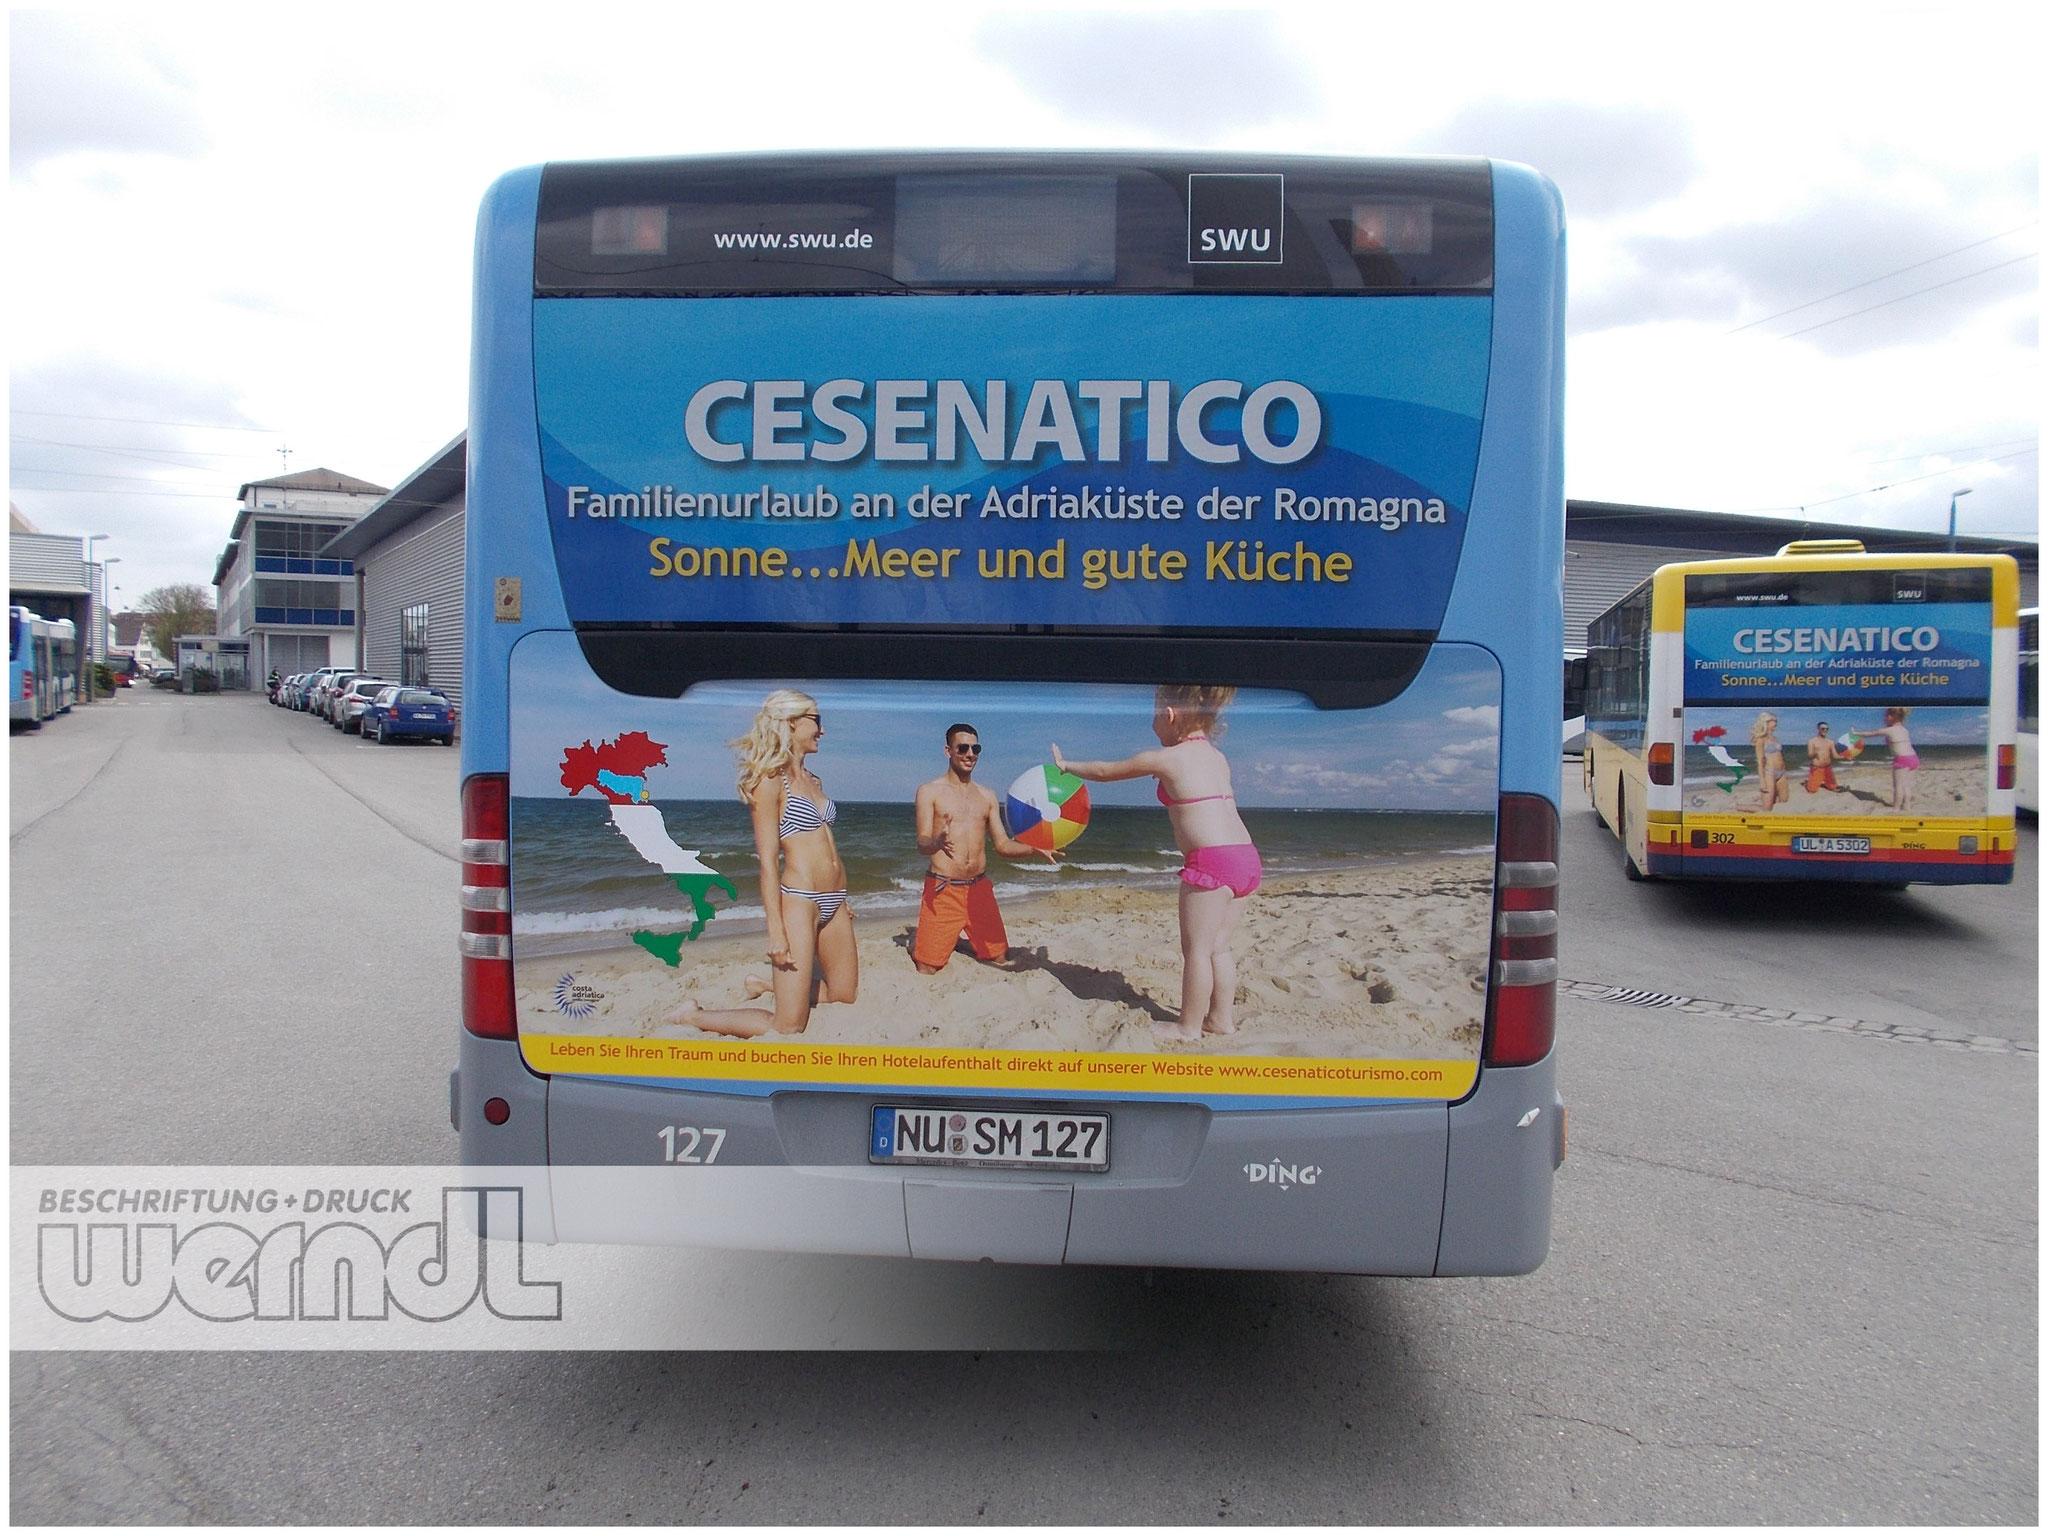 Stadtbus Heckfolierung Cesenatico